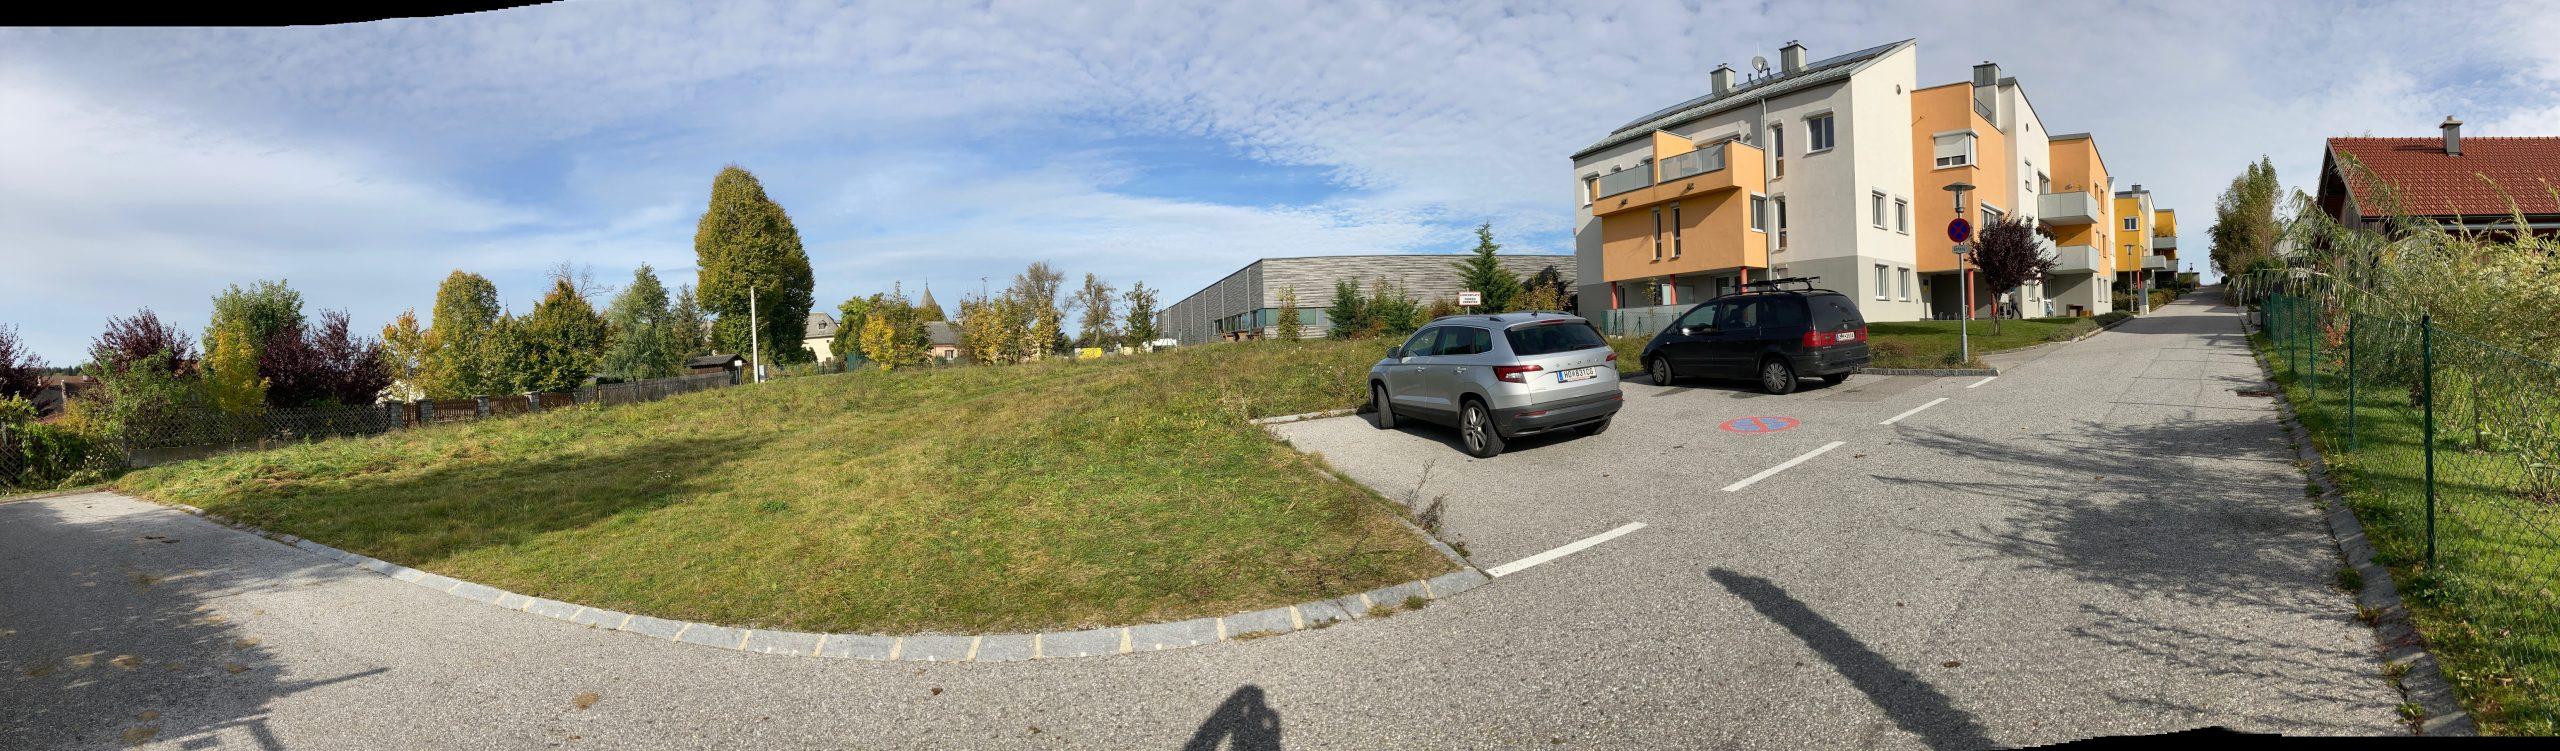 Immobilie von Kamptal in 3631 Ottenschlag, Zwettl, Ottenschlag I/1 - Top 210 #1